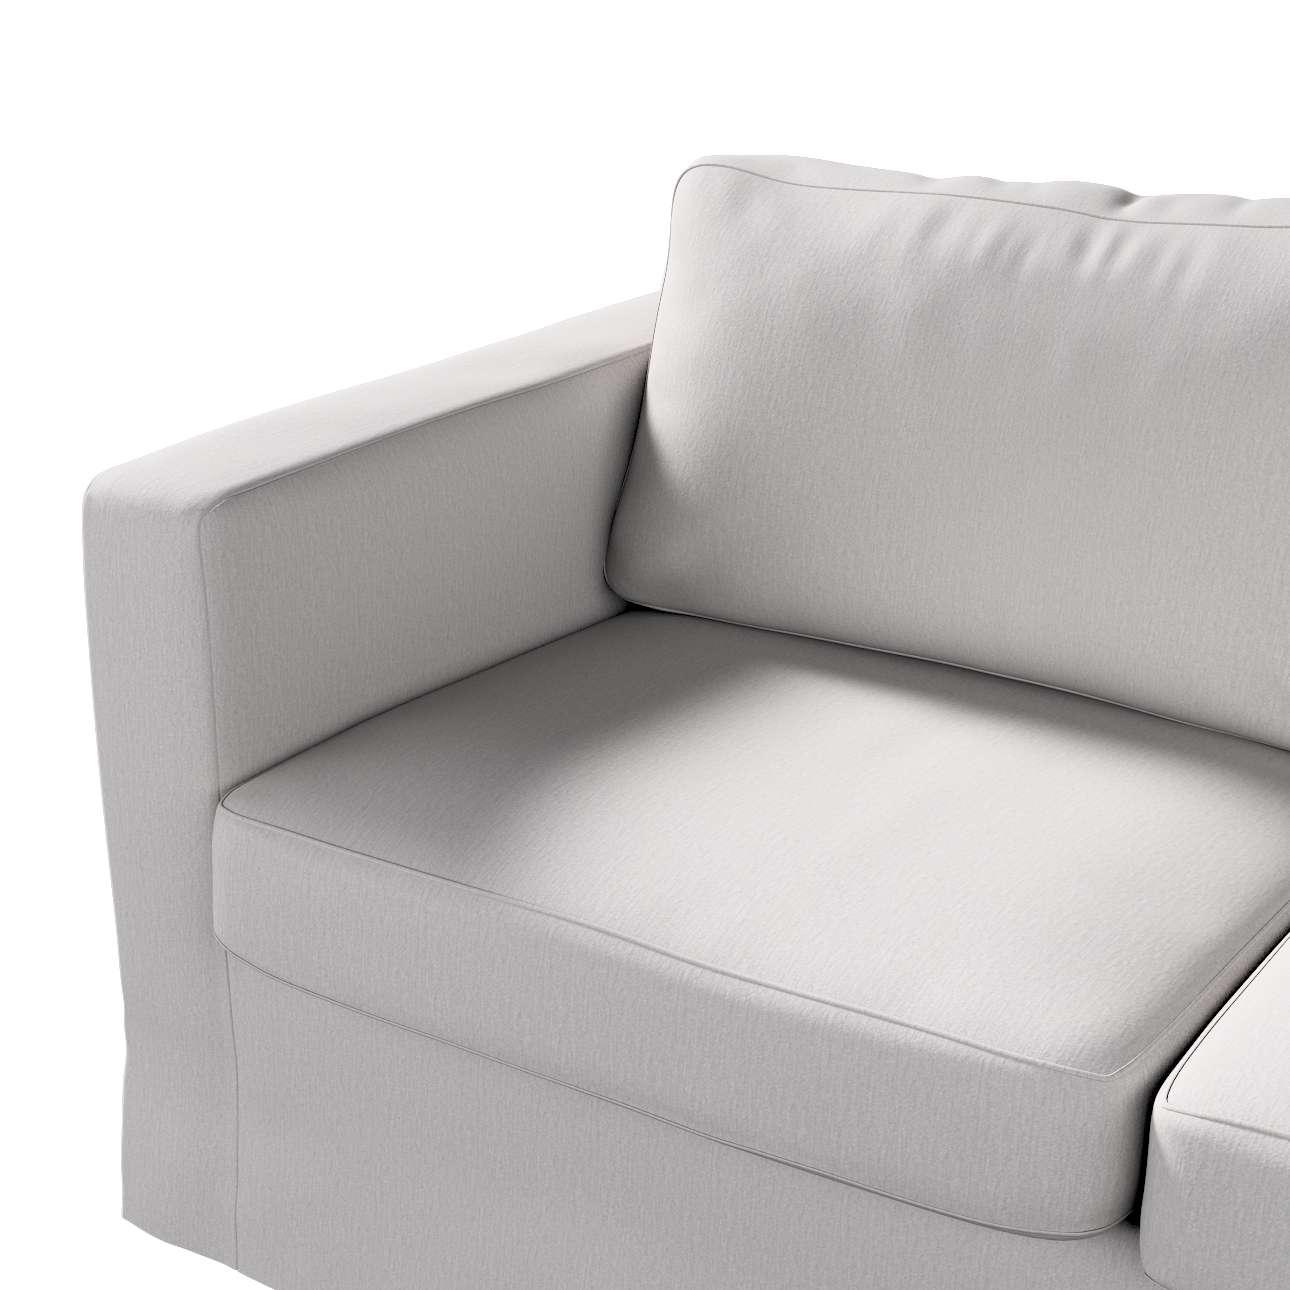 Pokrowiec na sofę Karlstad 2-osobową nierozkładaną długi w kolekcji Chenille, tkanina: 702-23